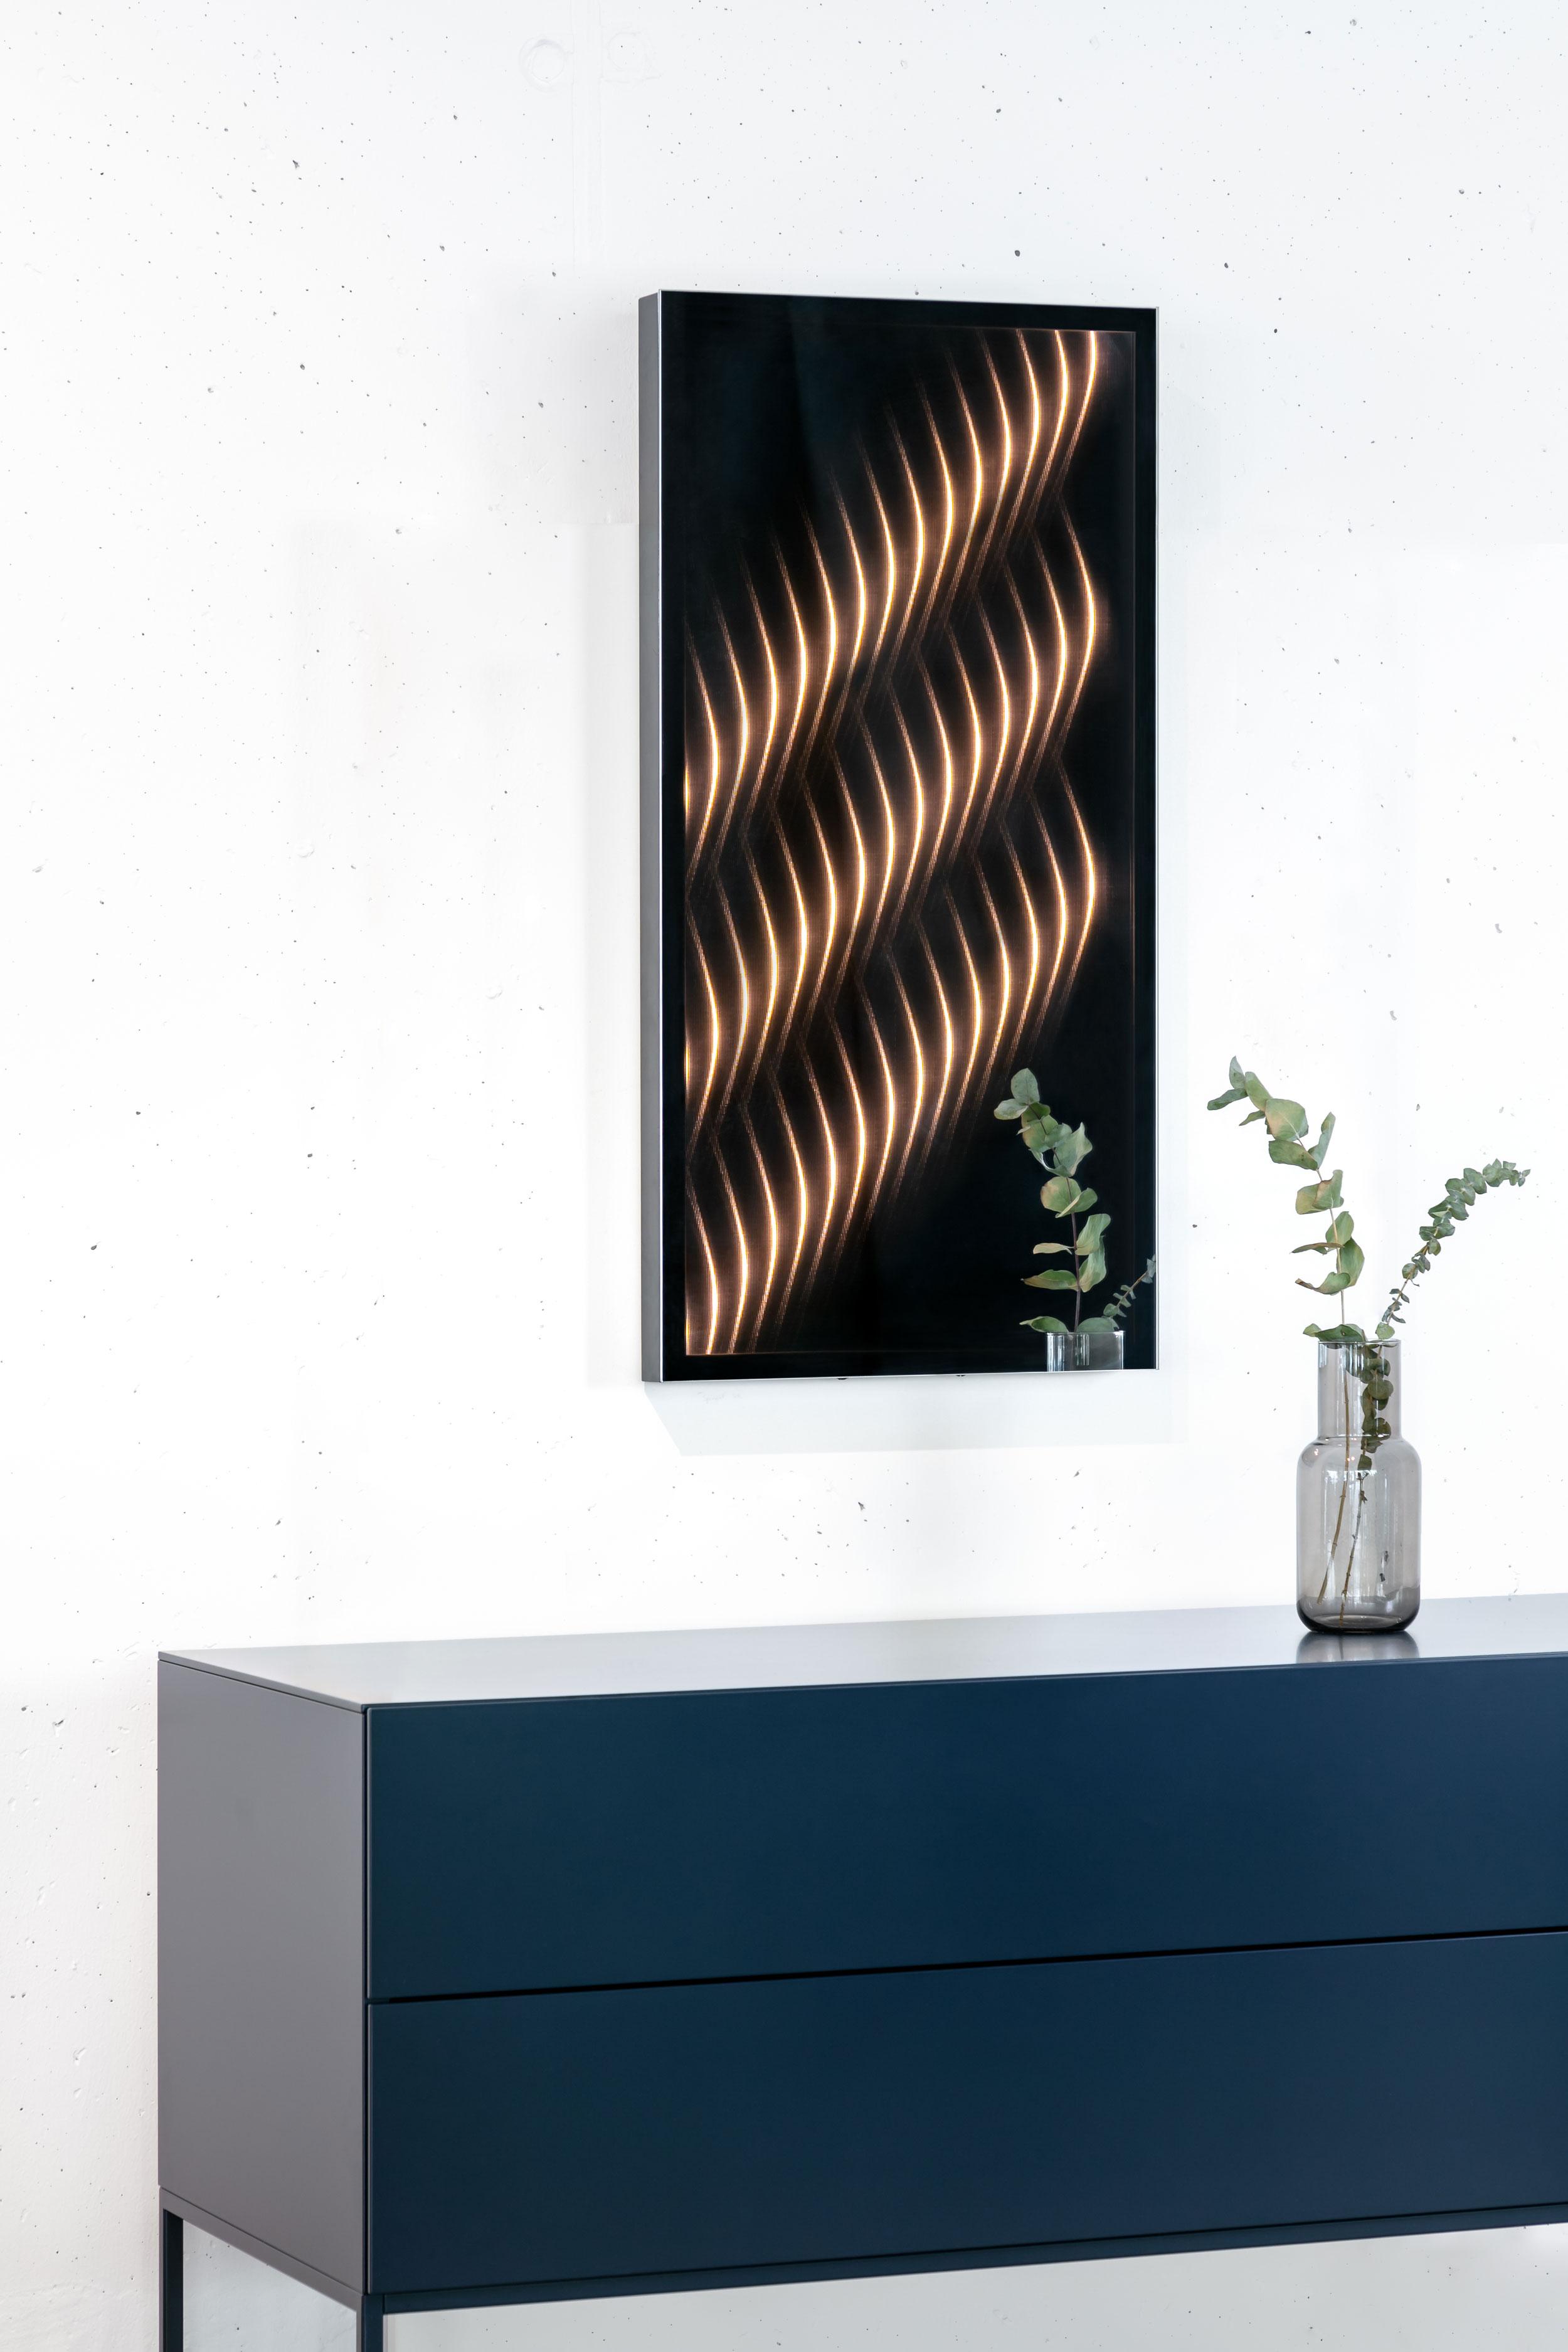 Der Ambiloom® Spiegel mit eingeschaltetem Licht an einer weißen Wand hängend